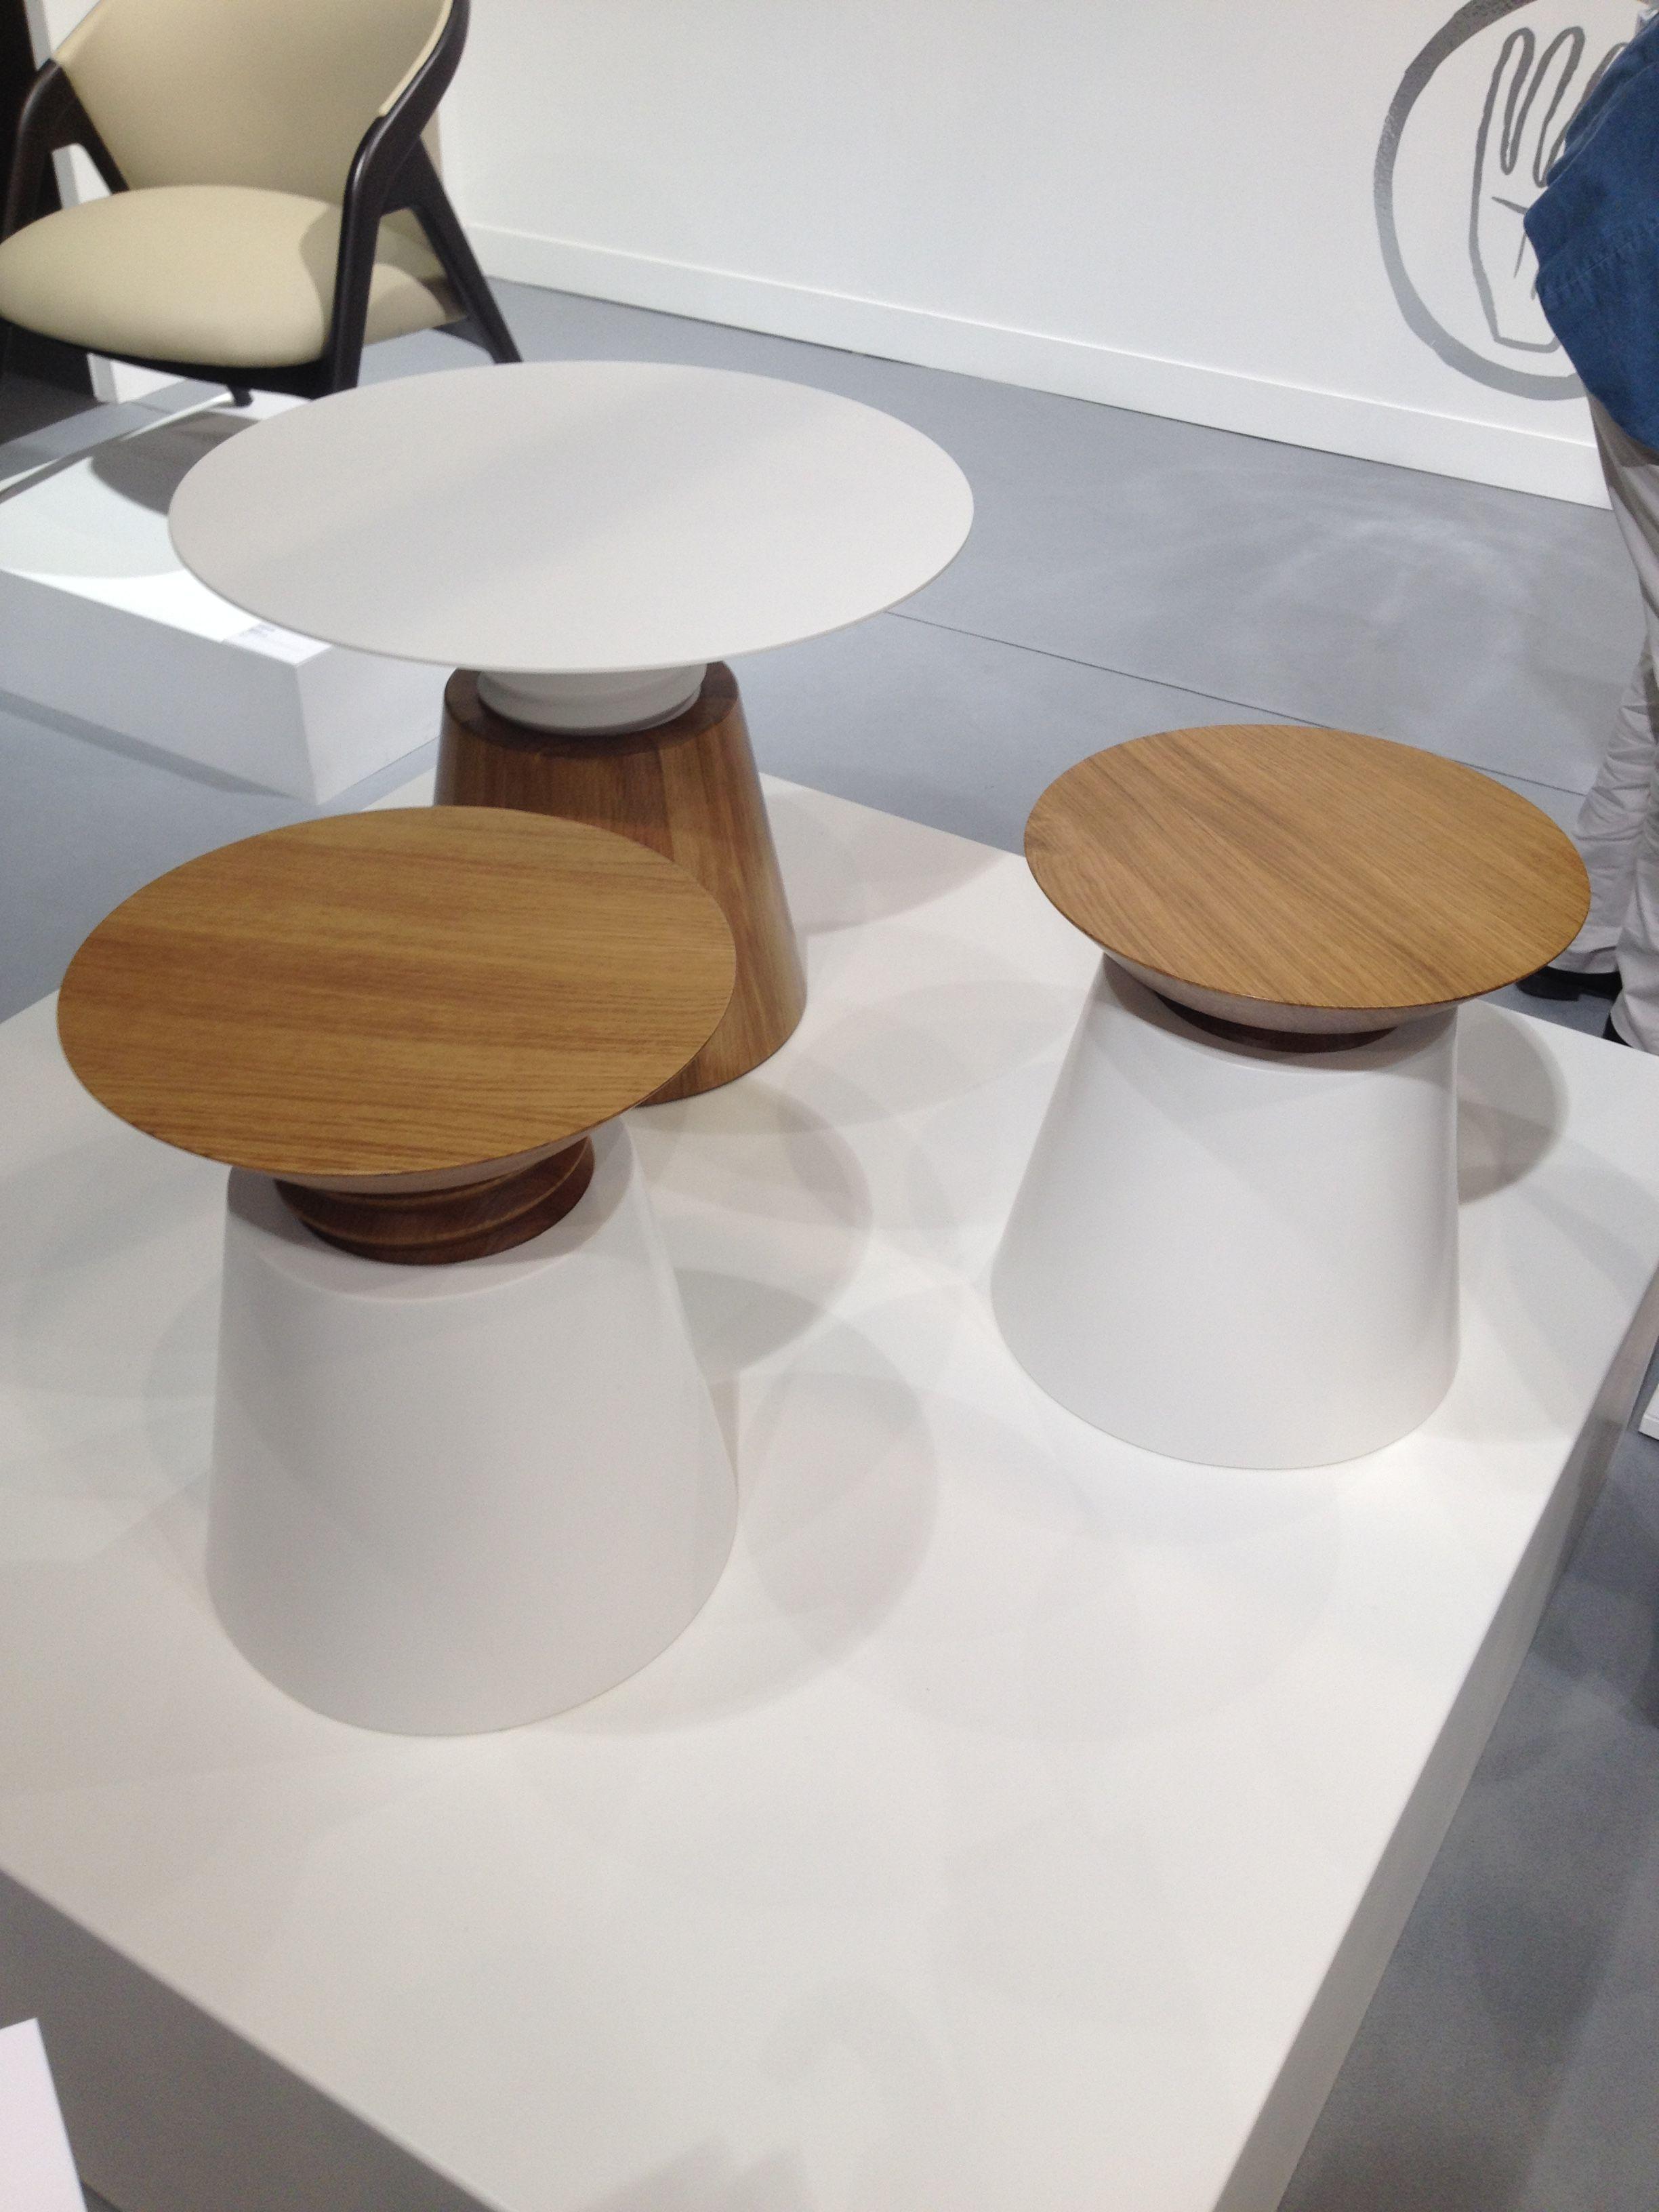 30b918a3529bd0b88124635764a72167 Incroyable De Table Basse Le Corbusier Concept